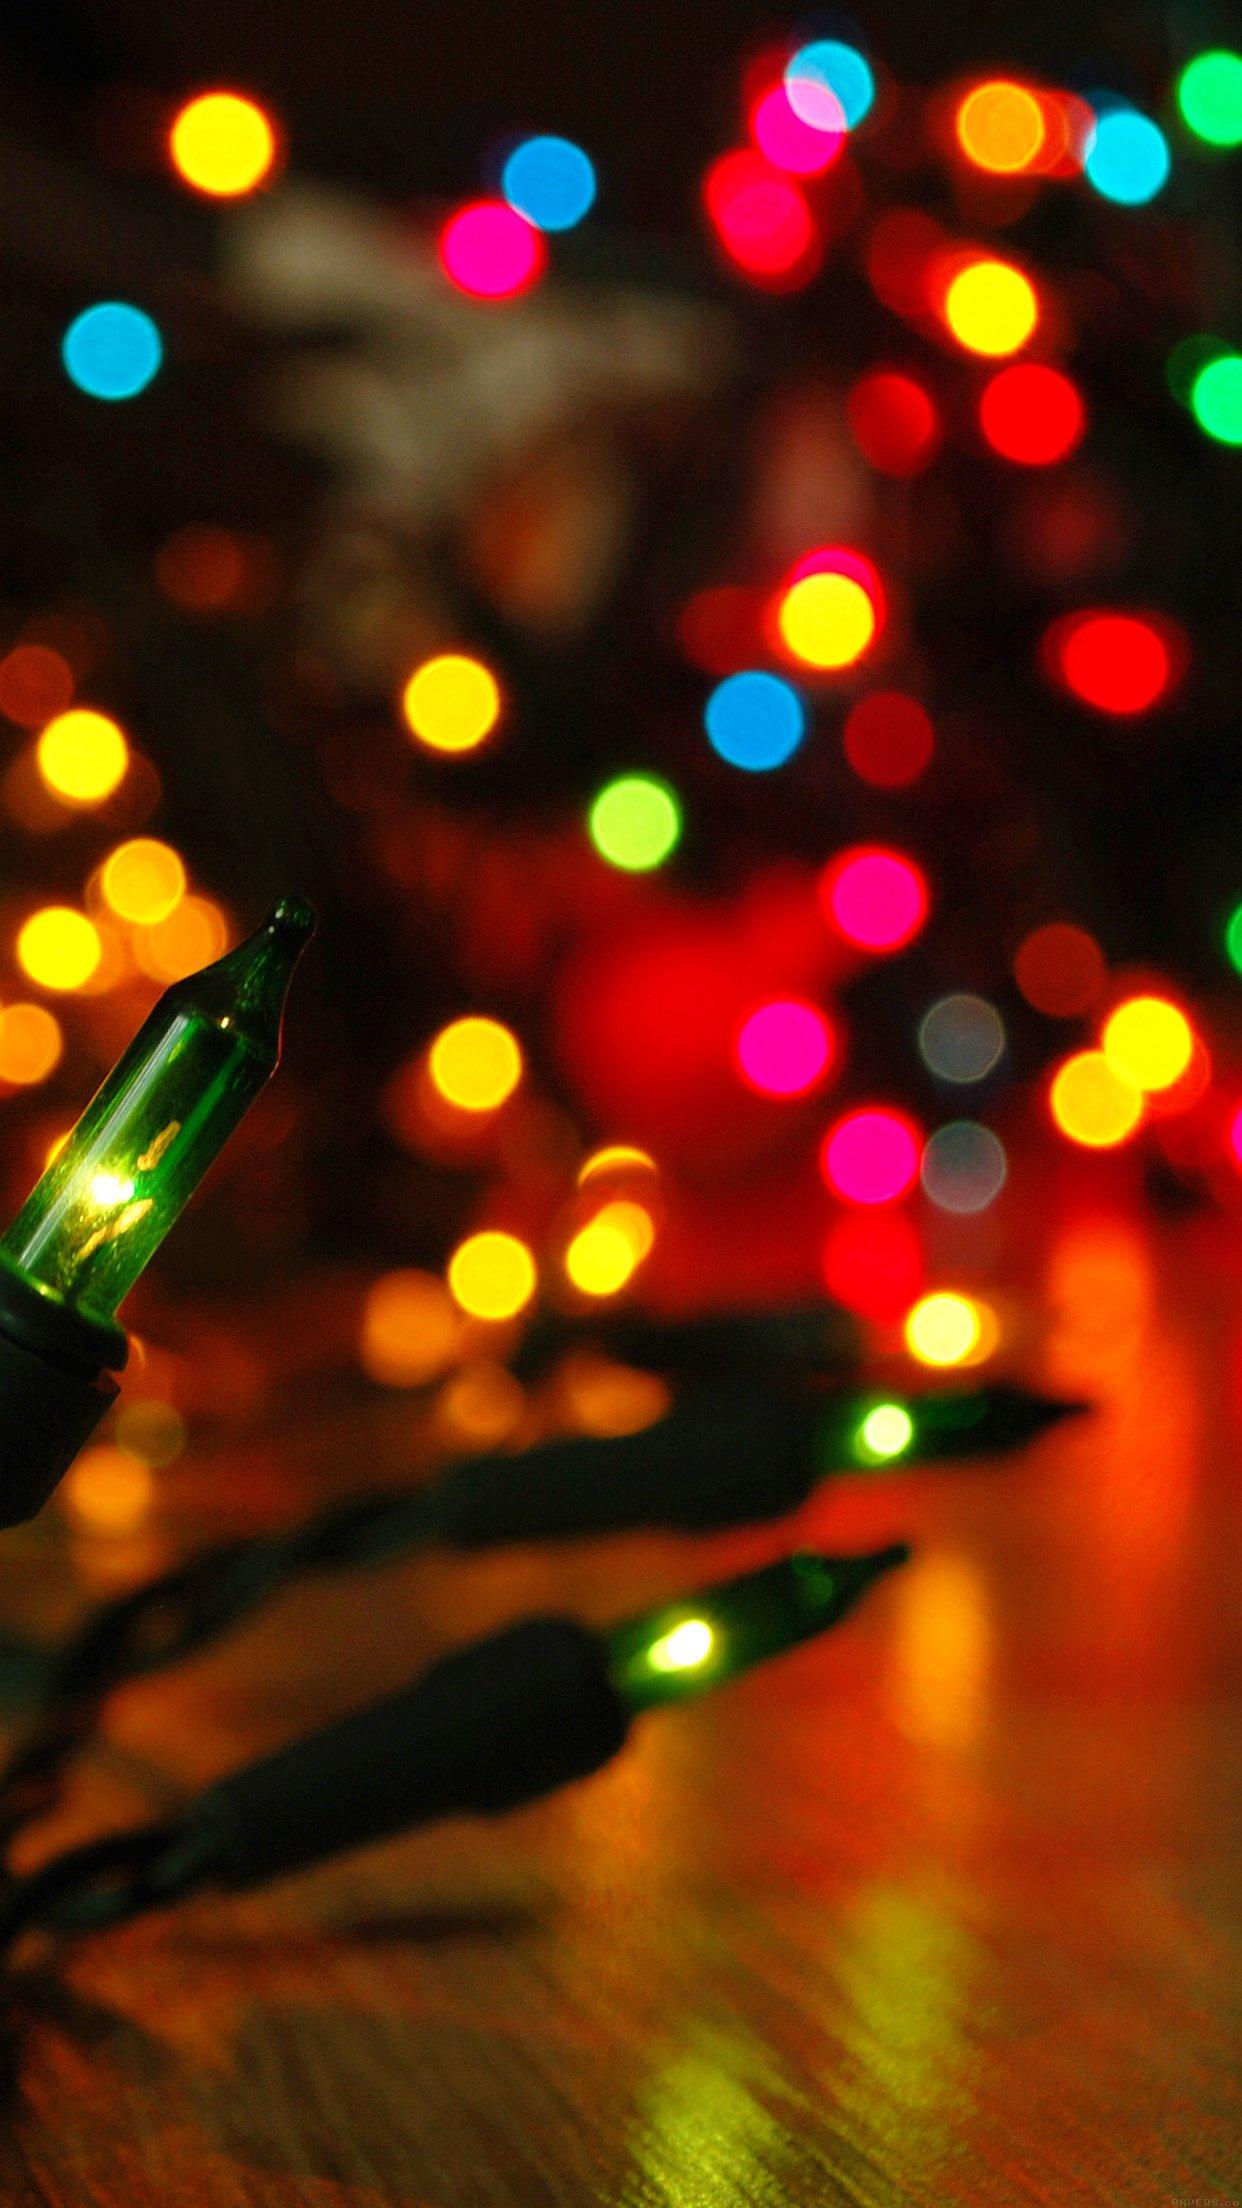 I Love Papers | mj85-christmas-lights-holiday-bokeh